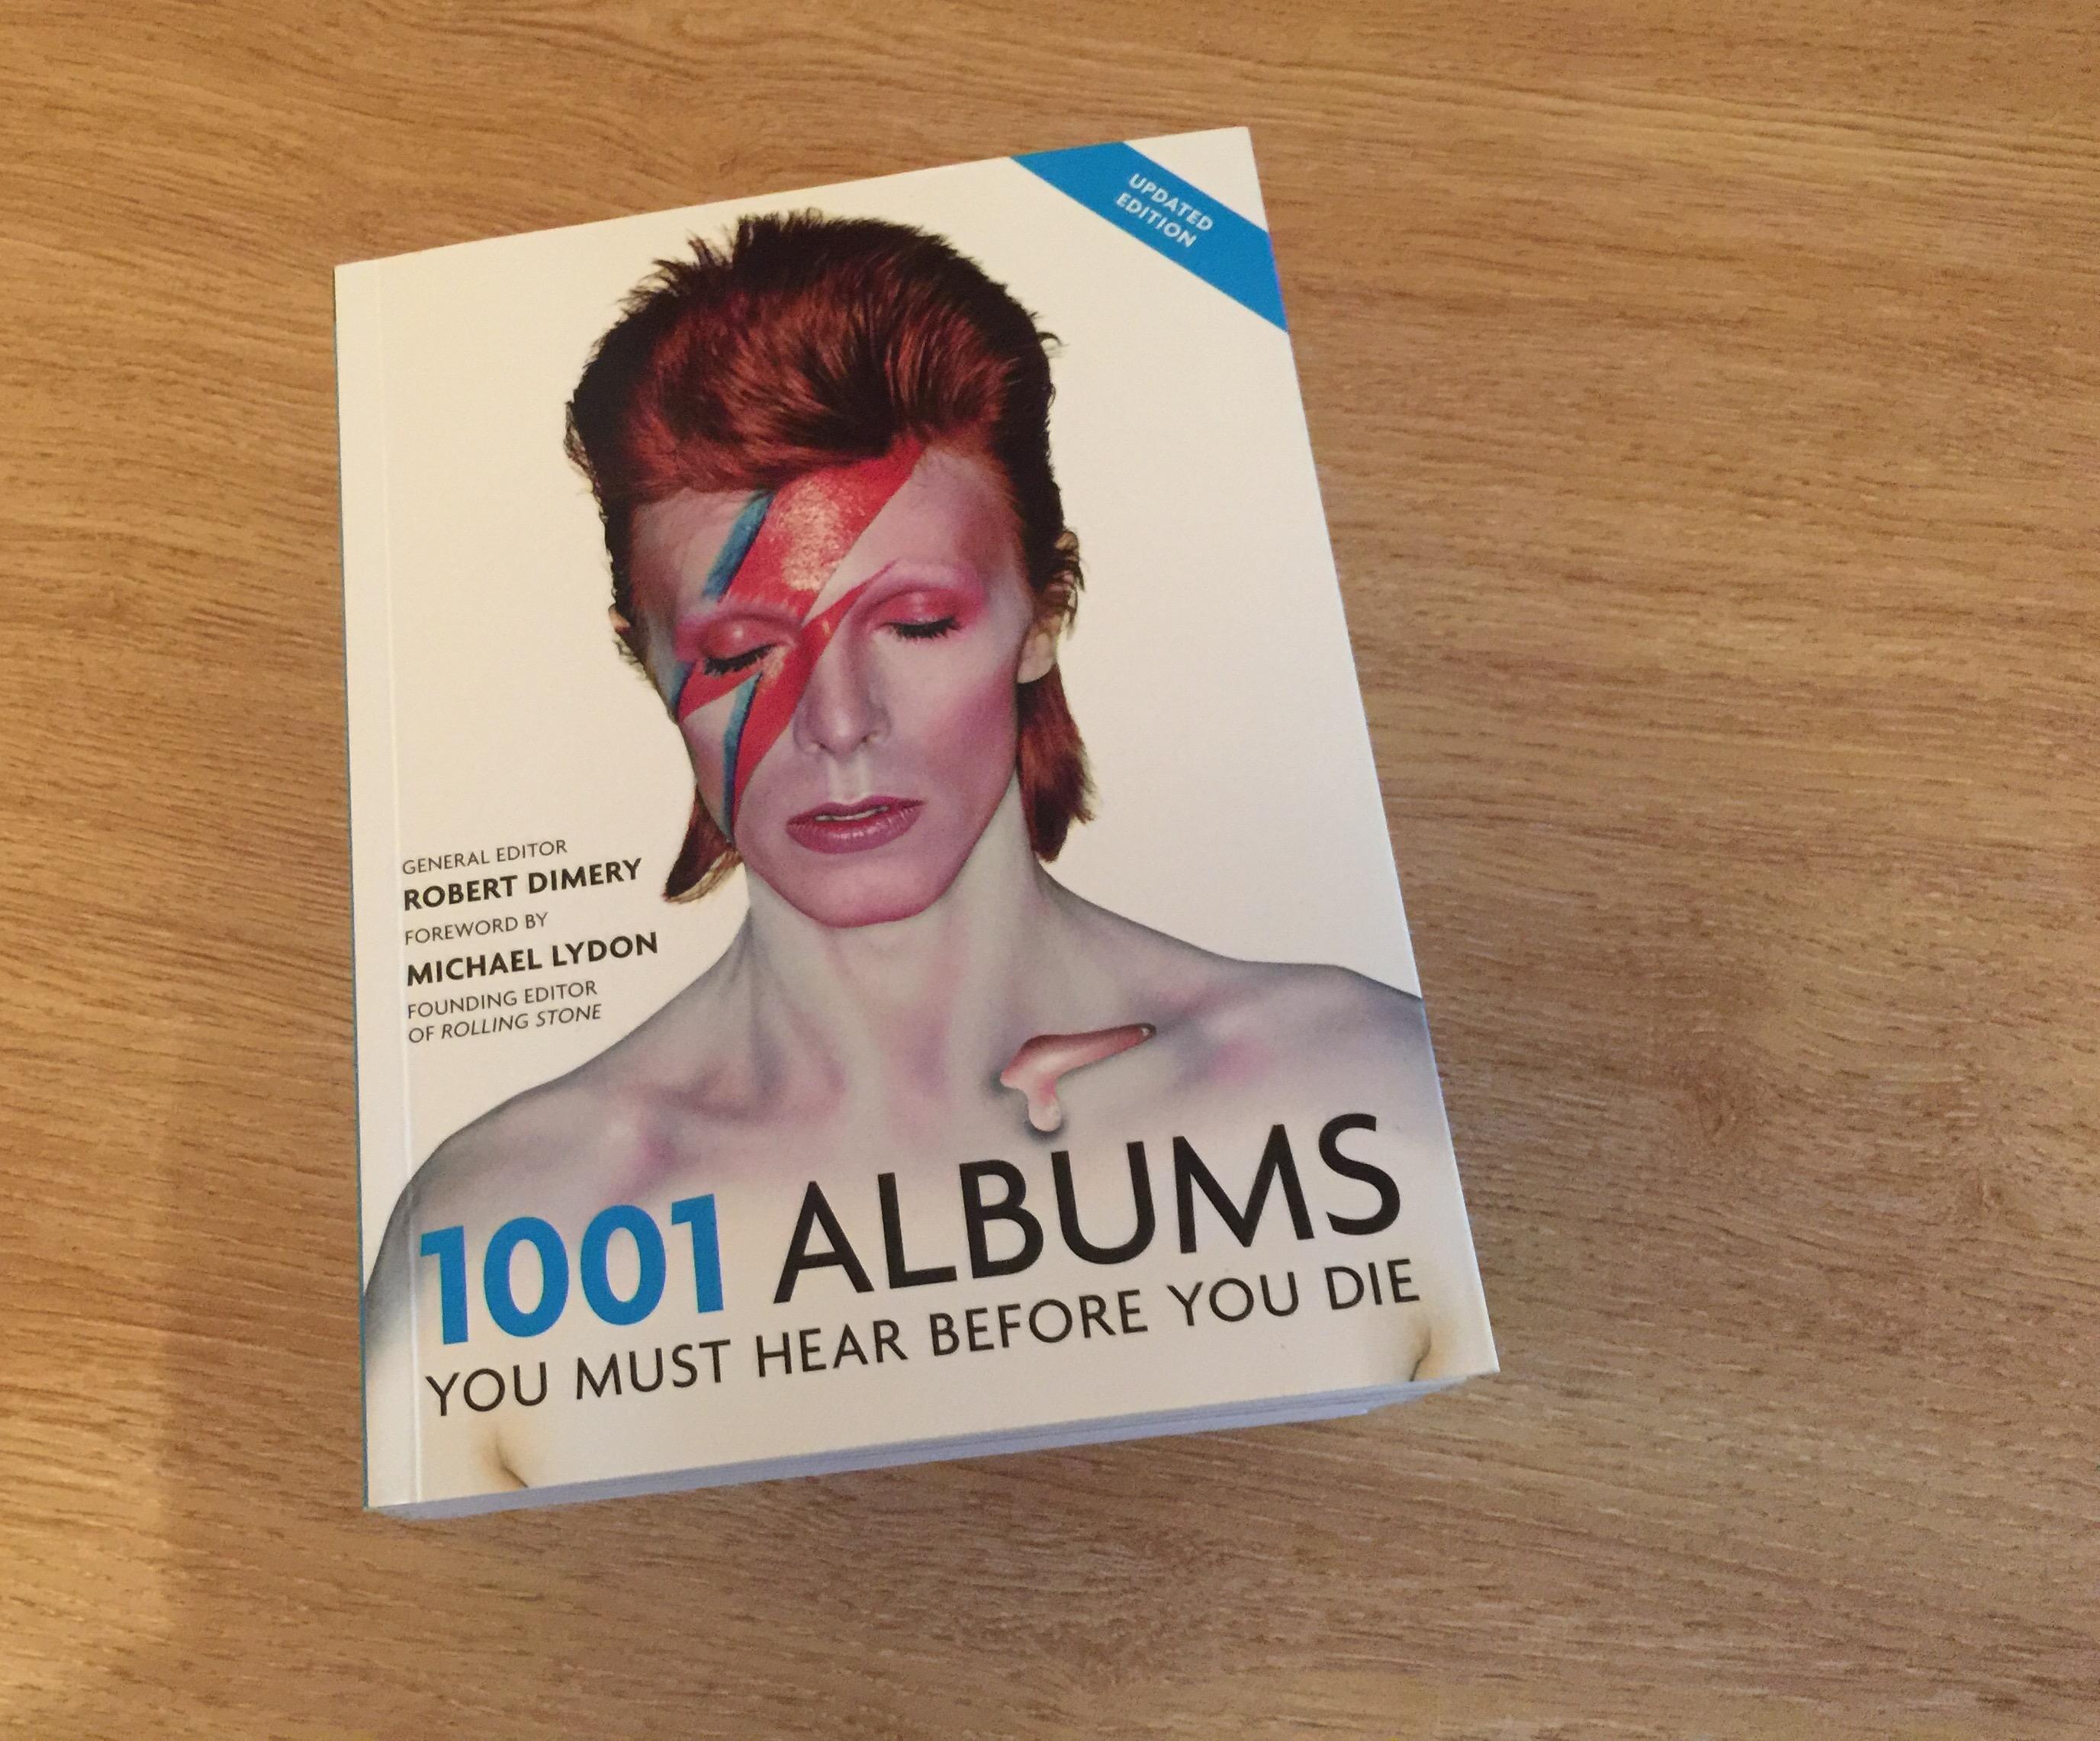 Quarkmonkey's 1001 Album challenge